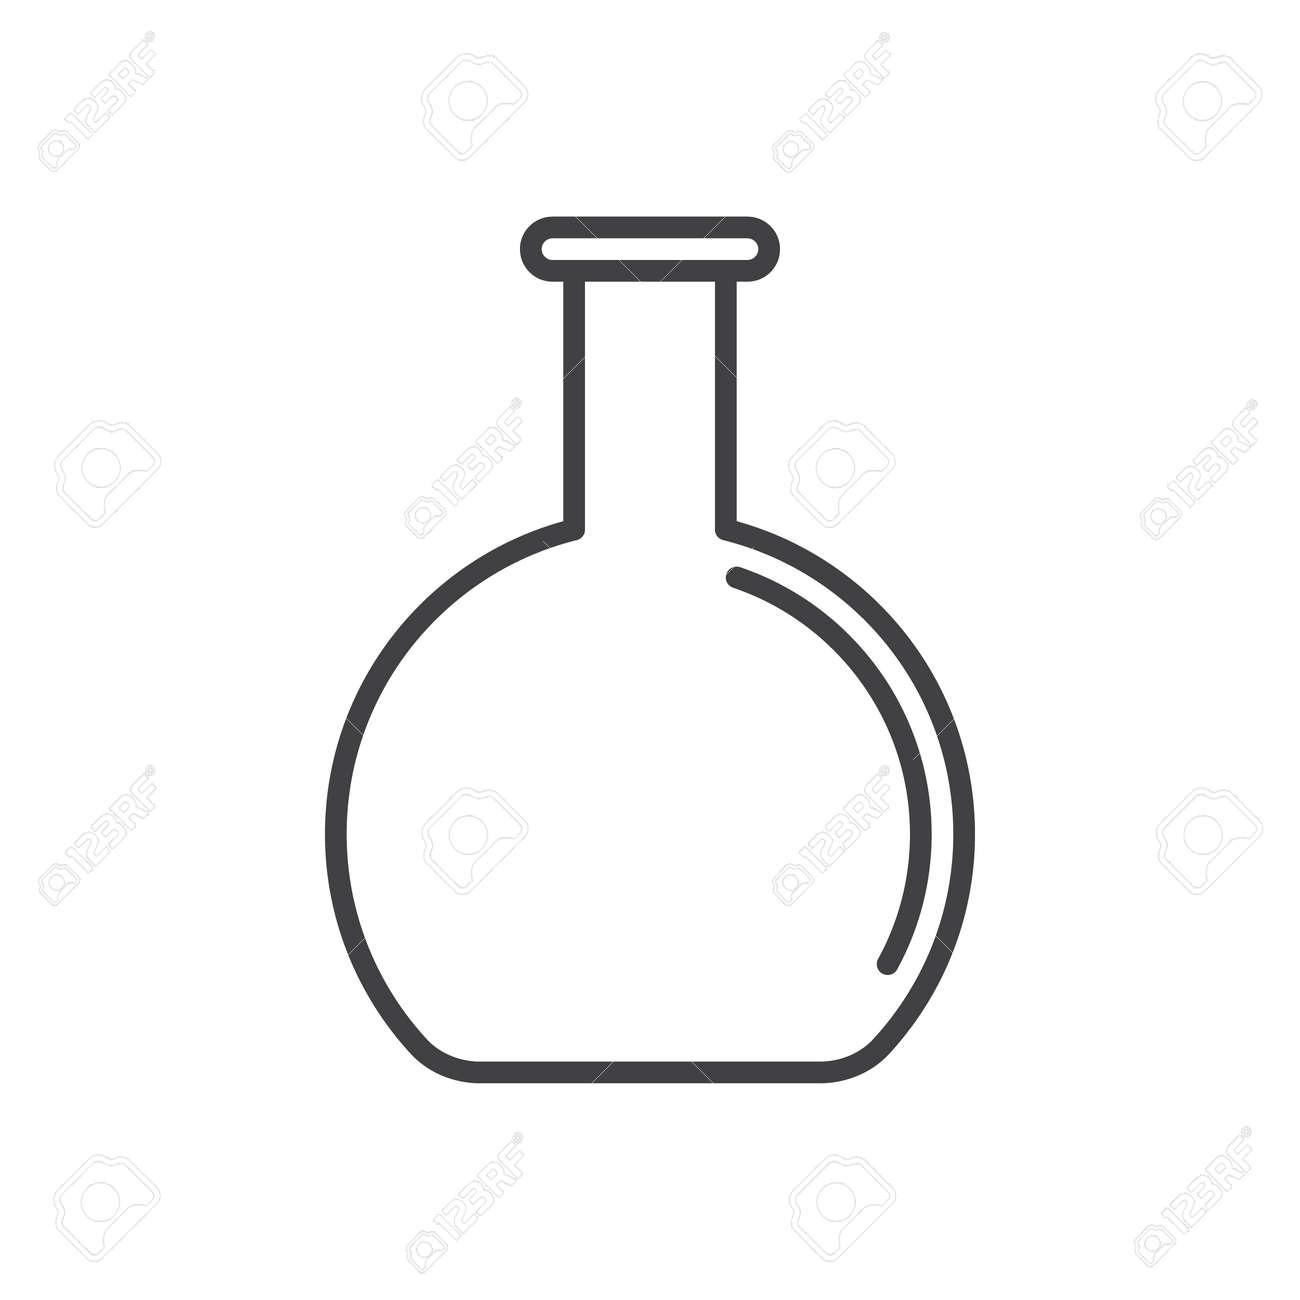 flat bottom flask beaker line icon outline vector sign linear rh 123rf com beaker vector image free beaker vector image